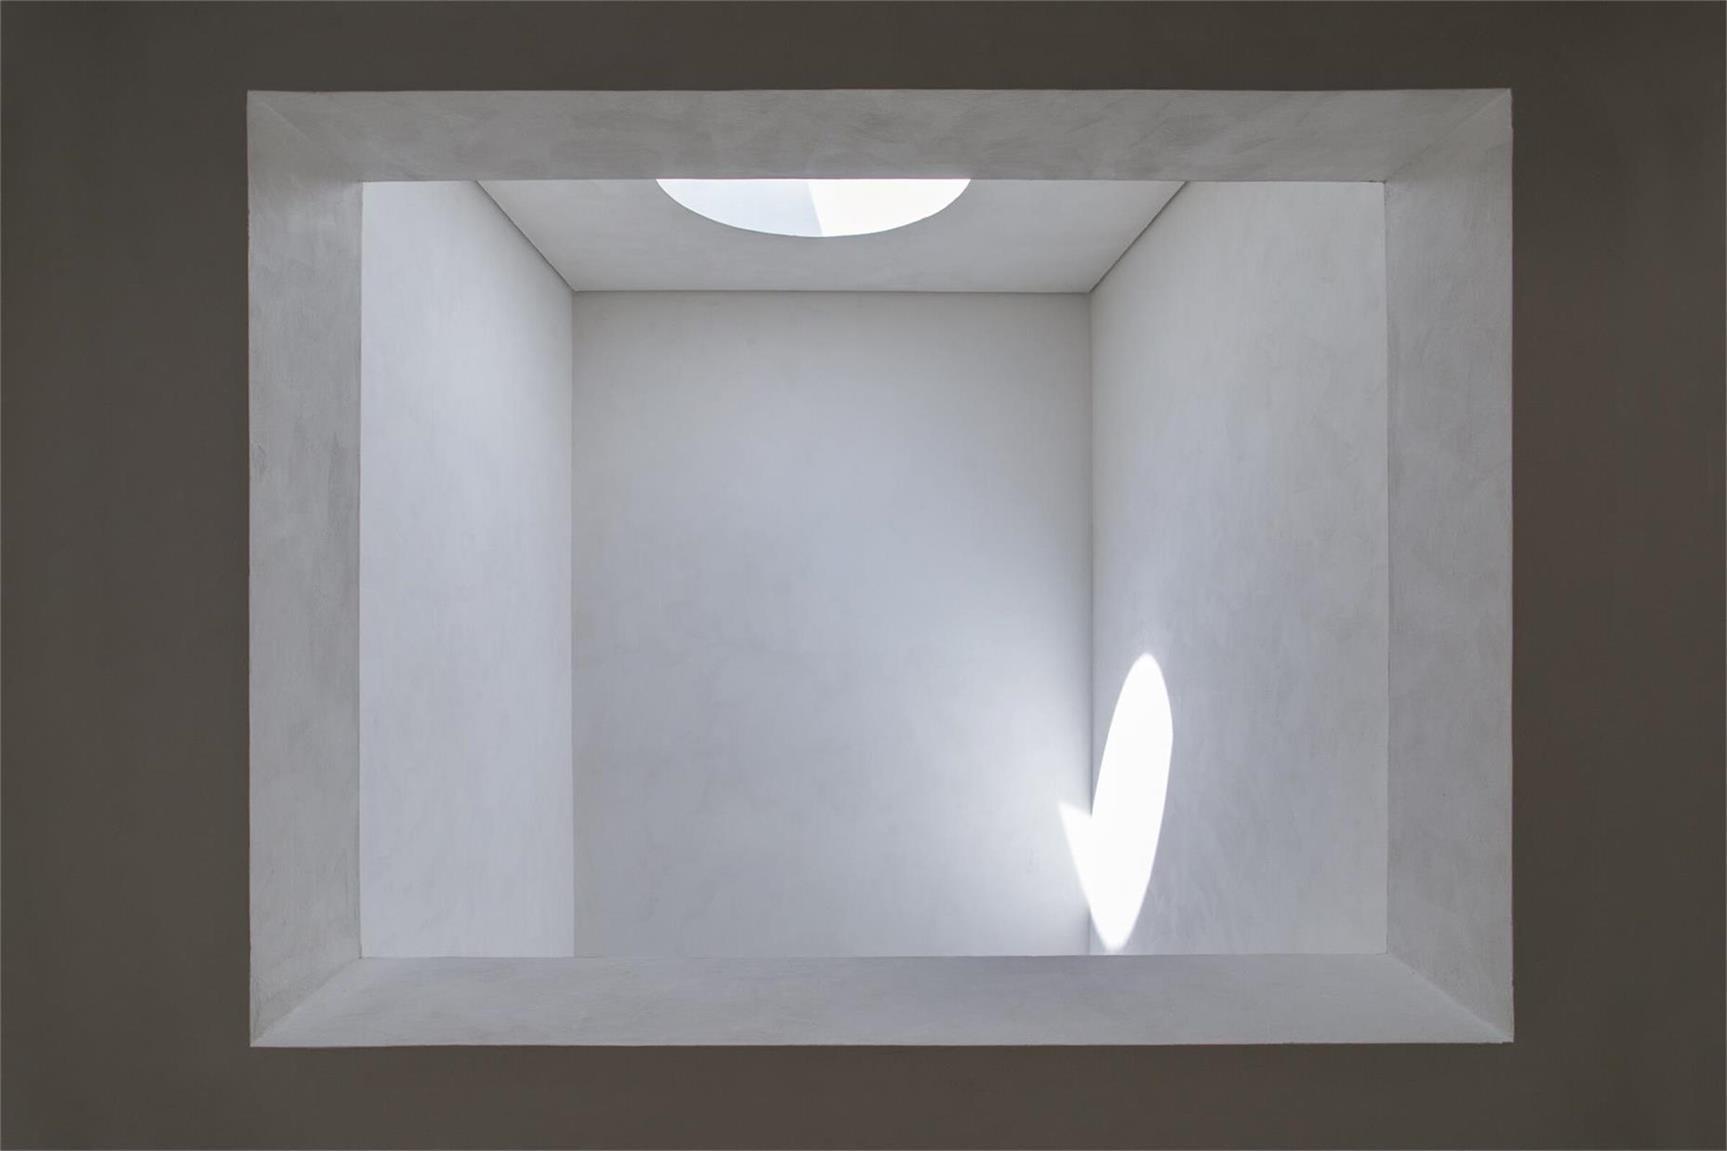 从鞋店墙面开口看天窗设计